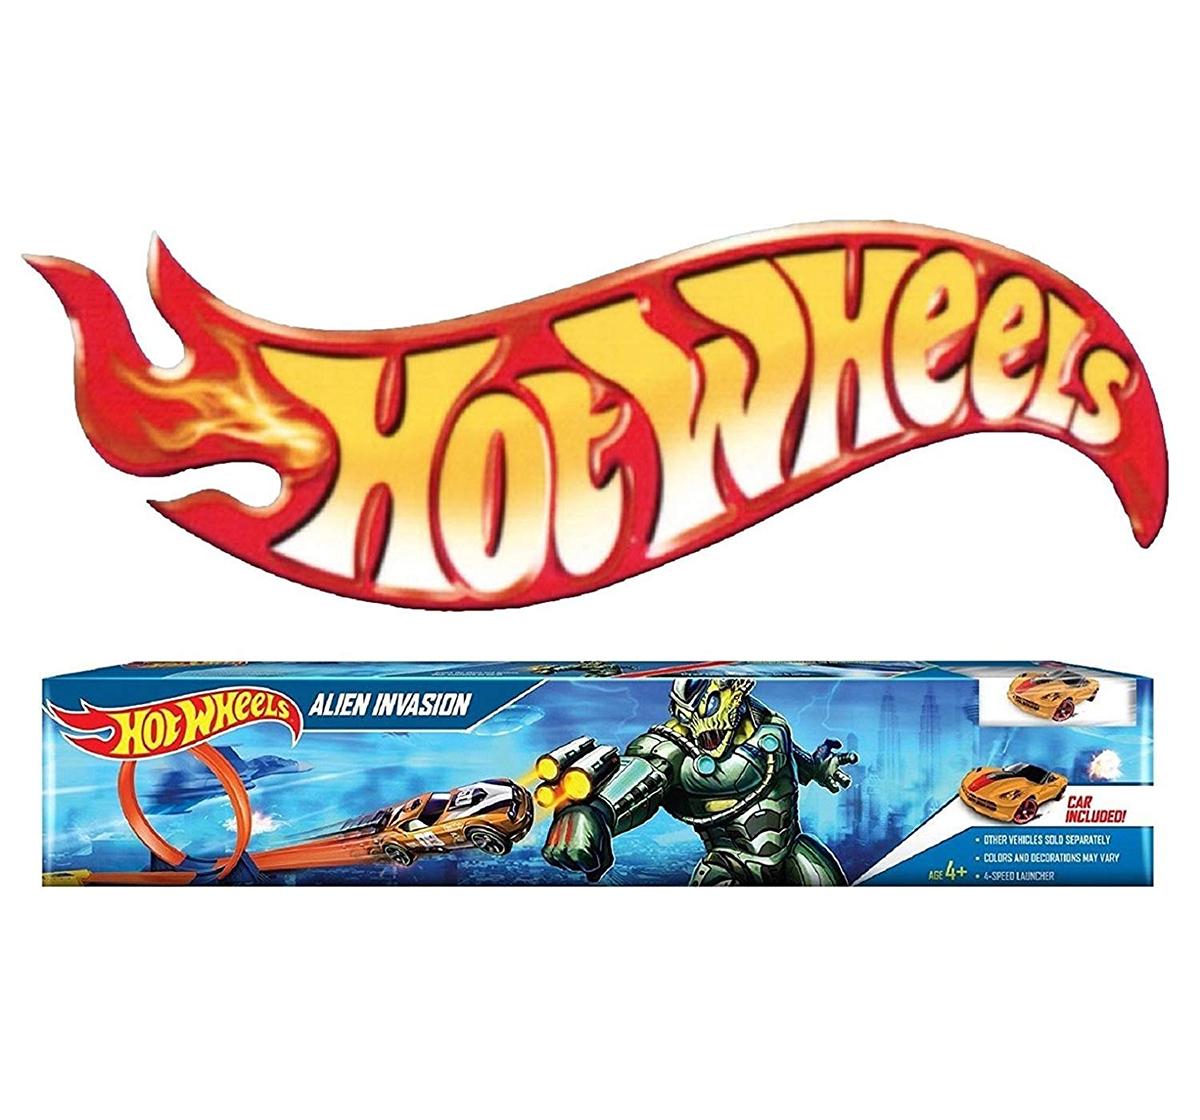 Hot Wheels   Hot Wheels Alien Invasion Trackset Tracksets & Train Sets for Kids age 3Y+